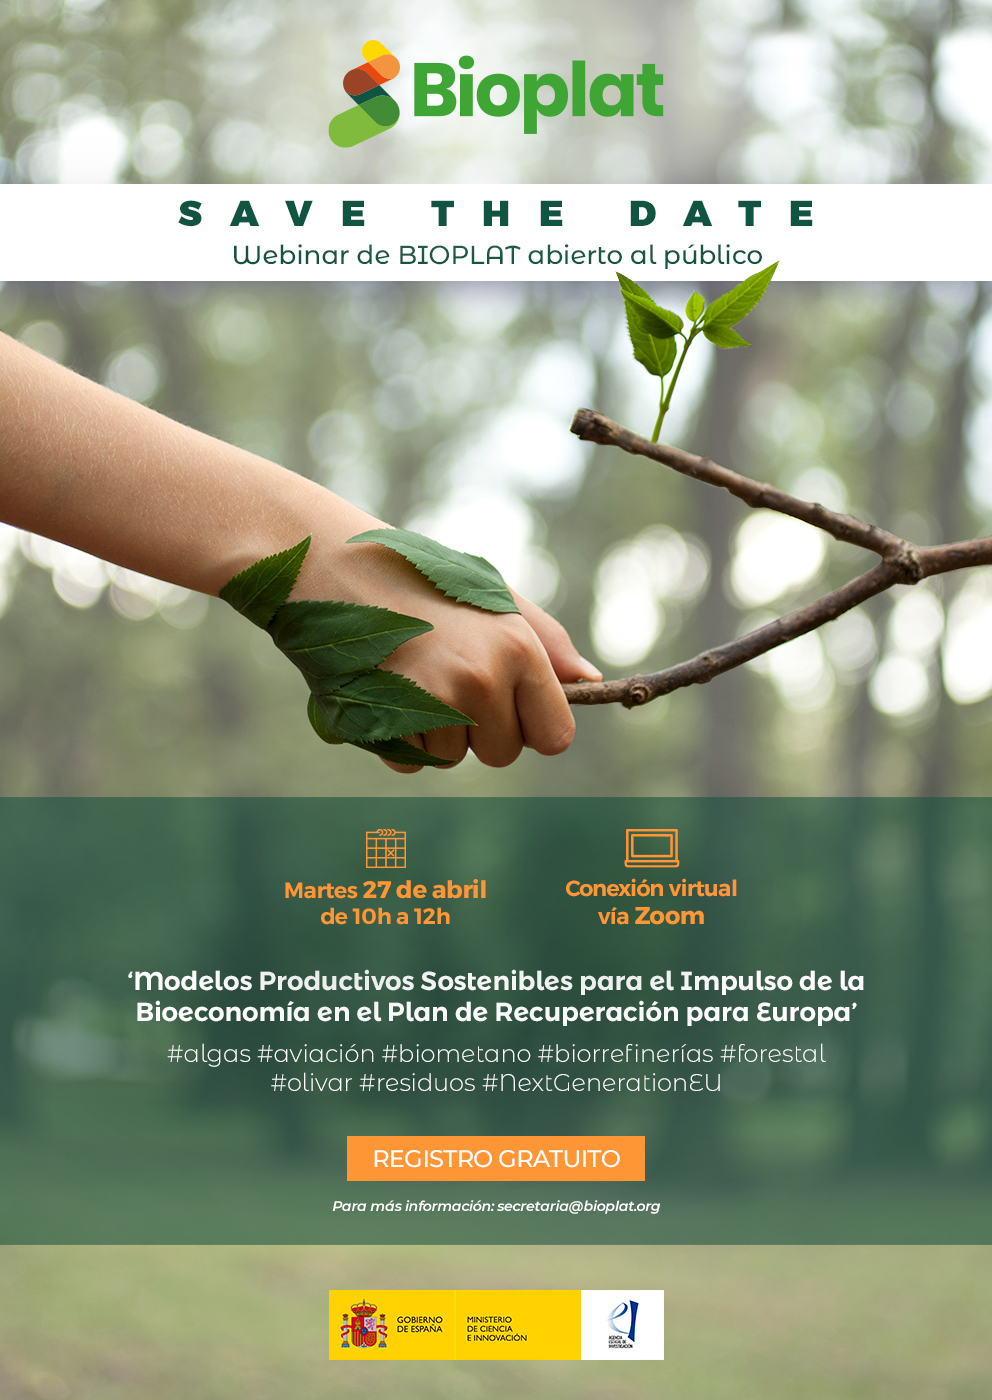 SAVE THE DATE – 27 ABRIL: Webinar BIOPLAT 'Modelos Productivos Sostenibles para el Impulso de la Bioeconomía en el Plan de Recuperación para Europa'